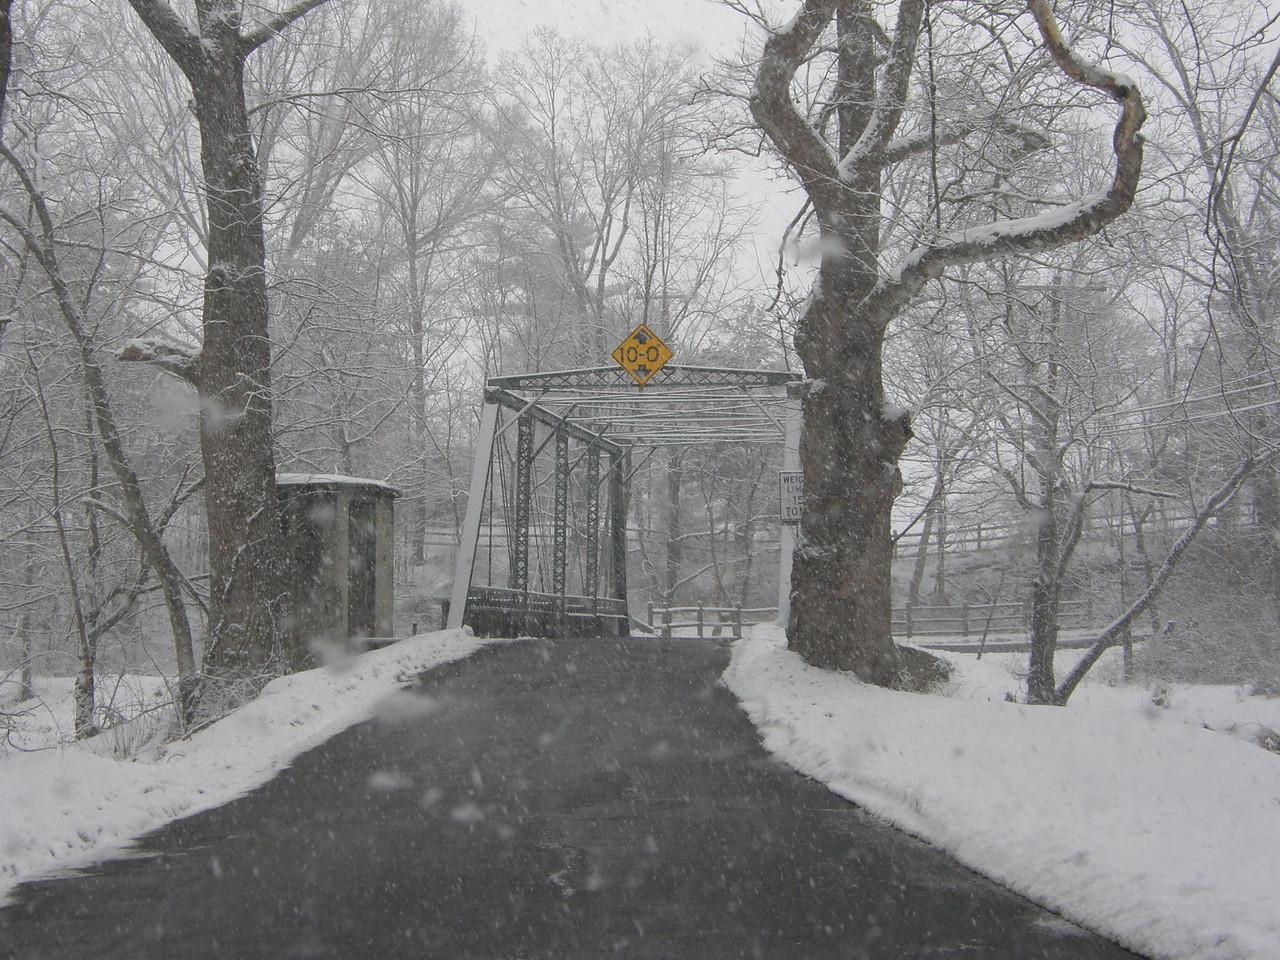 Whitehouse Bridge